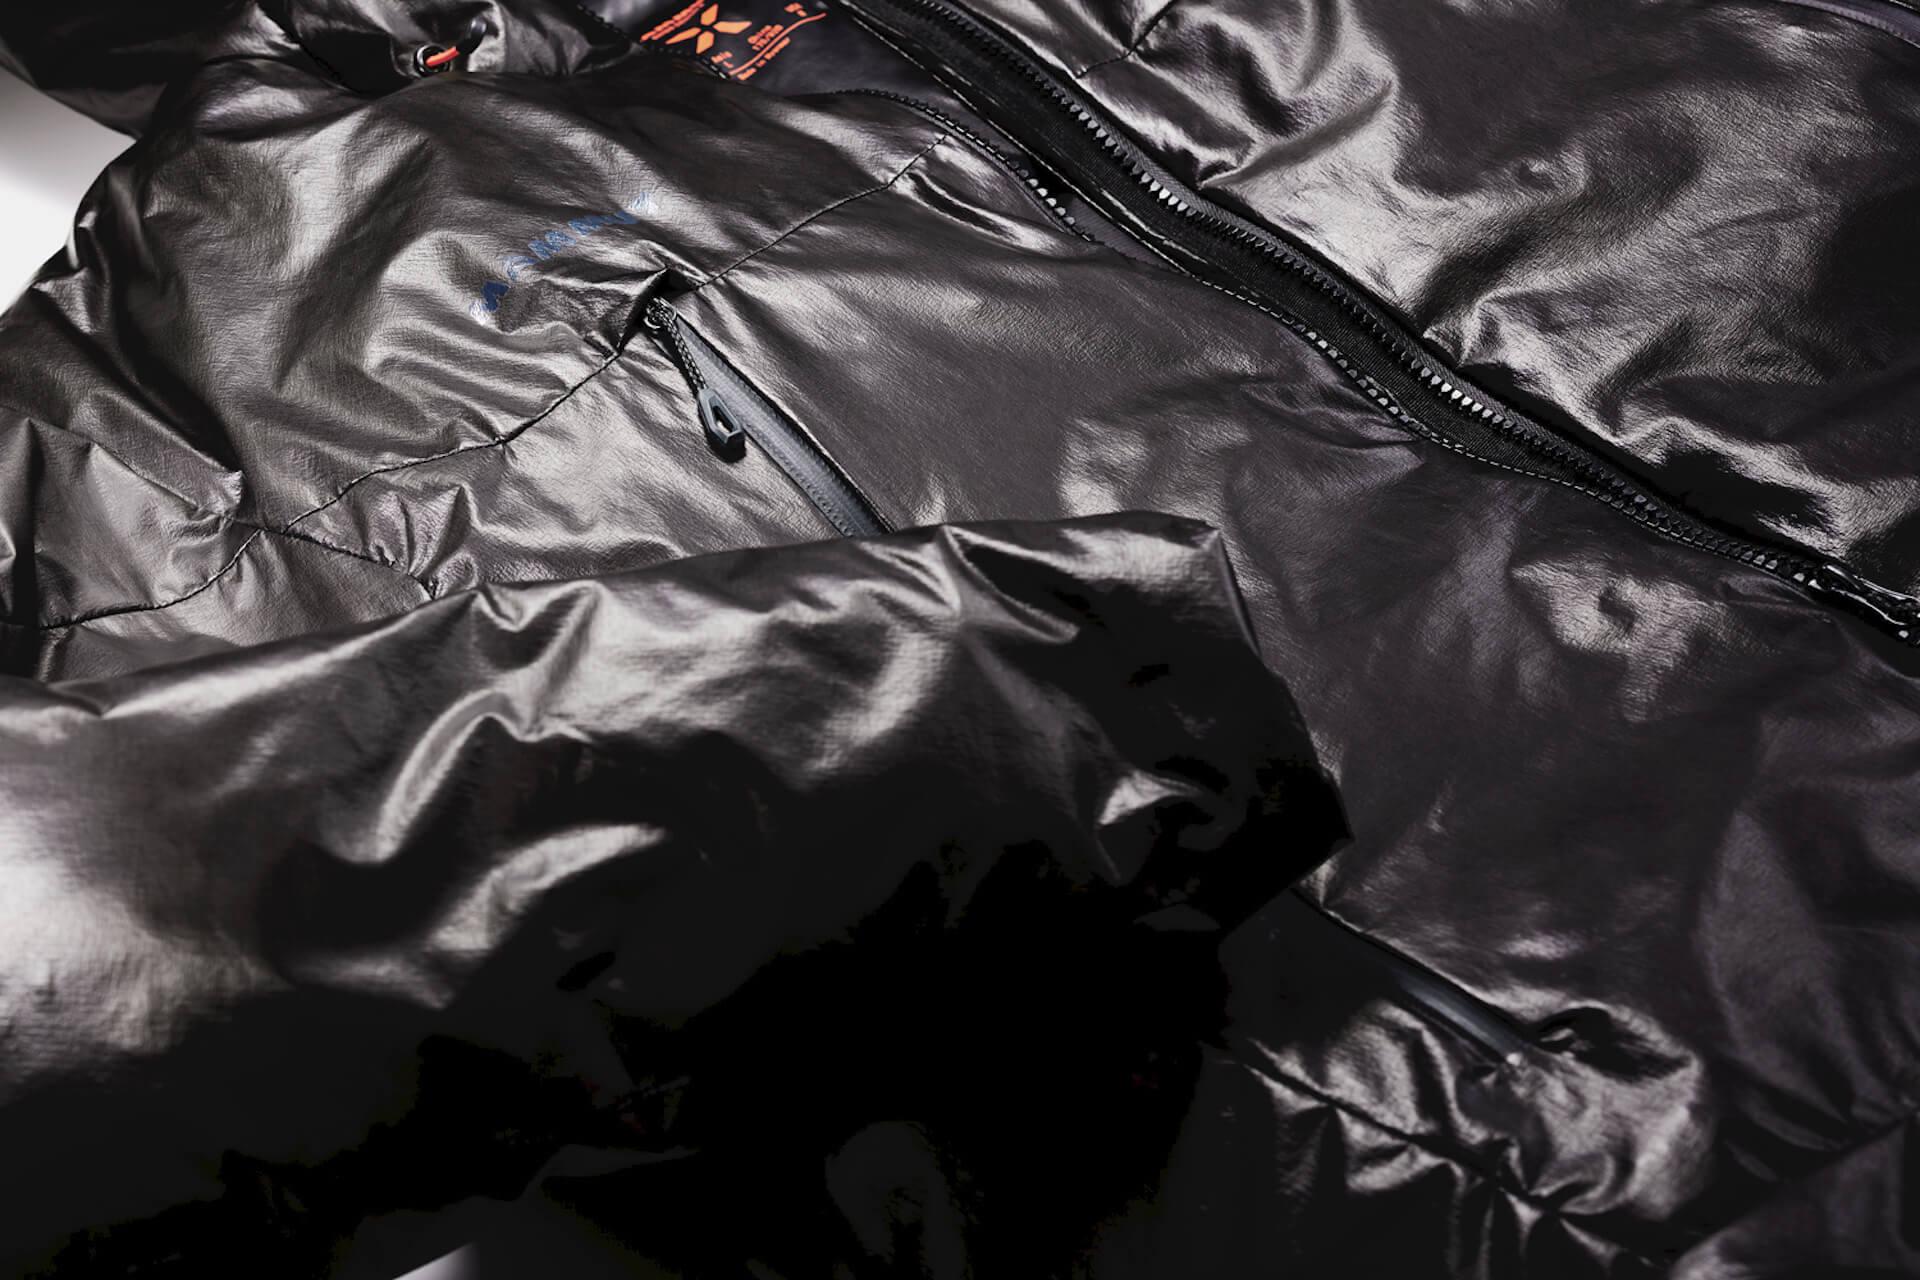 高い保湿力、軽量性を兼ね備えたハイスペックダウン「MAMMUT DELTA X」2ndシーズンが登場 lf190903urbaneering_21